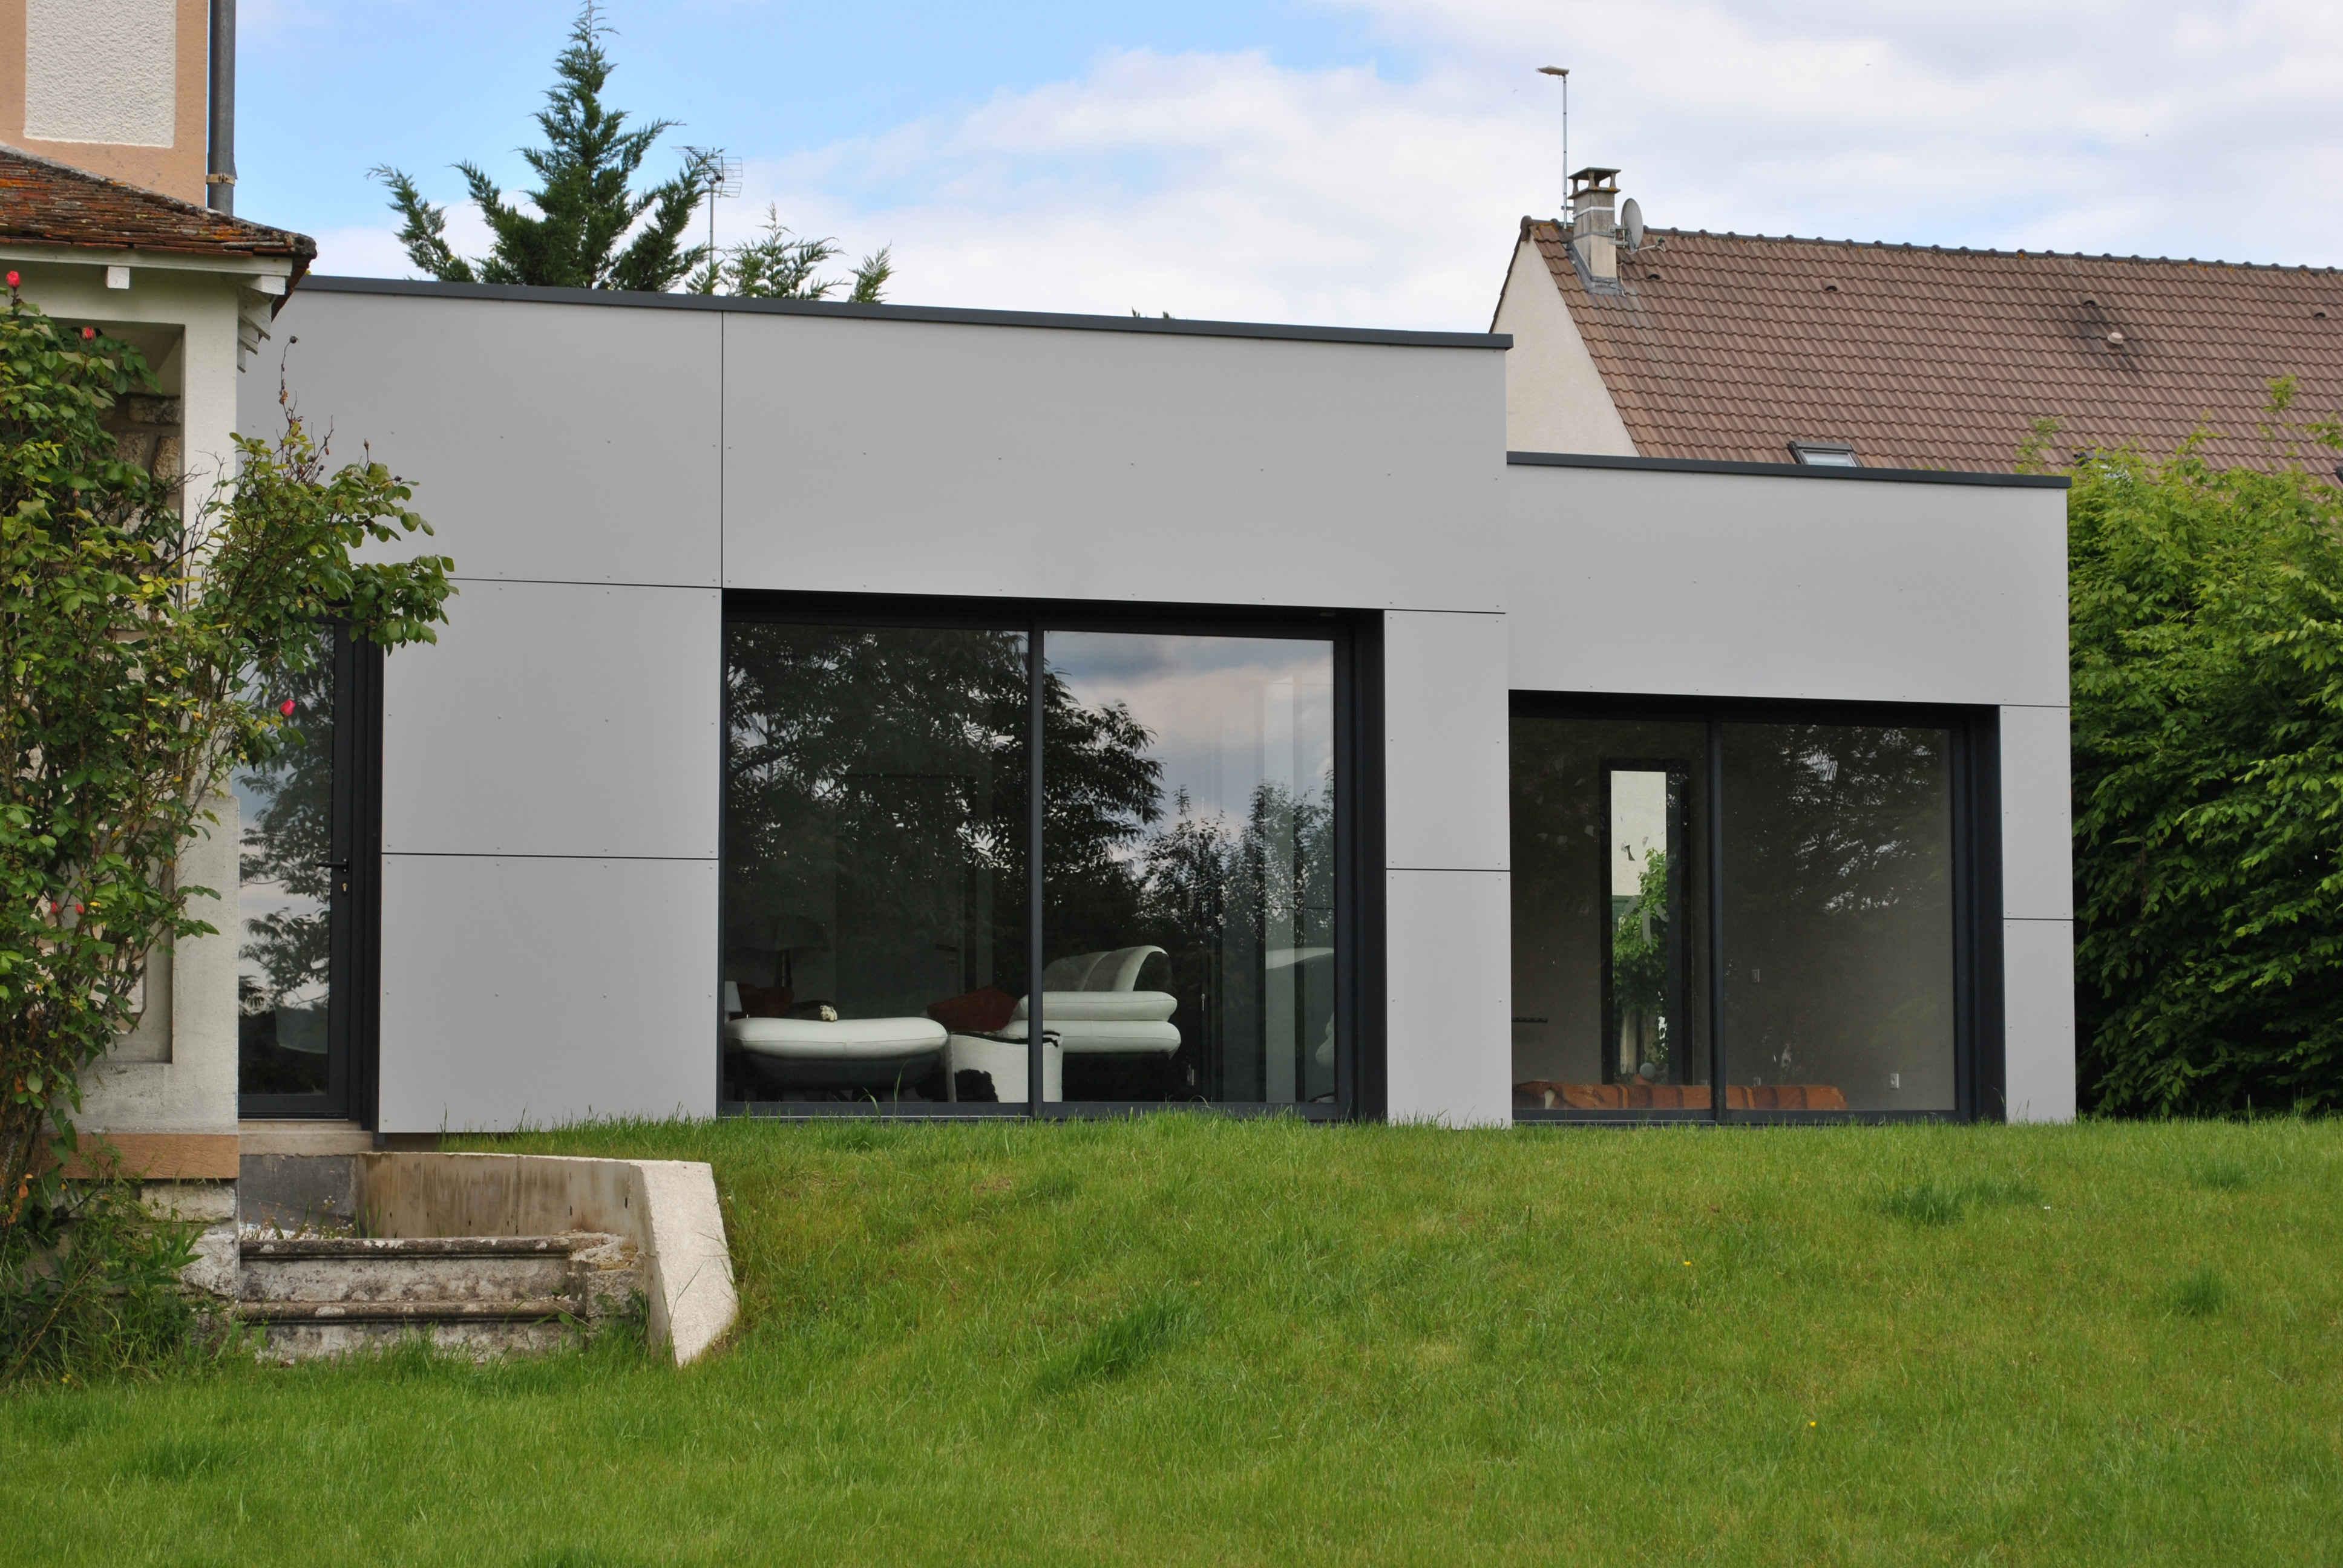 tekart architecture architectes associ s concepteur de. Black Bedroom Furniture Sets. Home Design Ideas